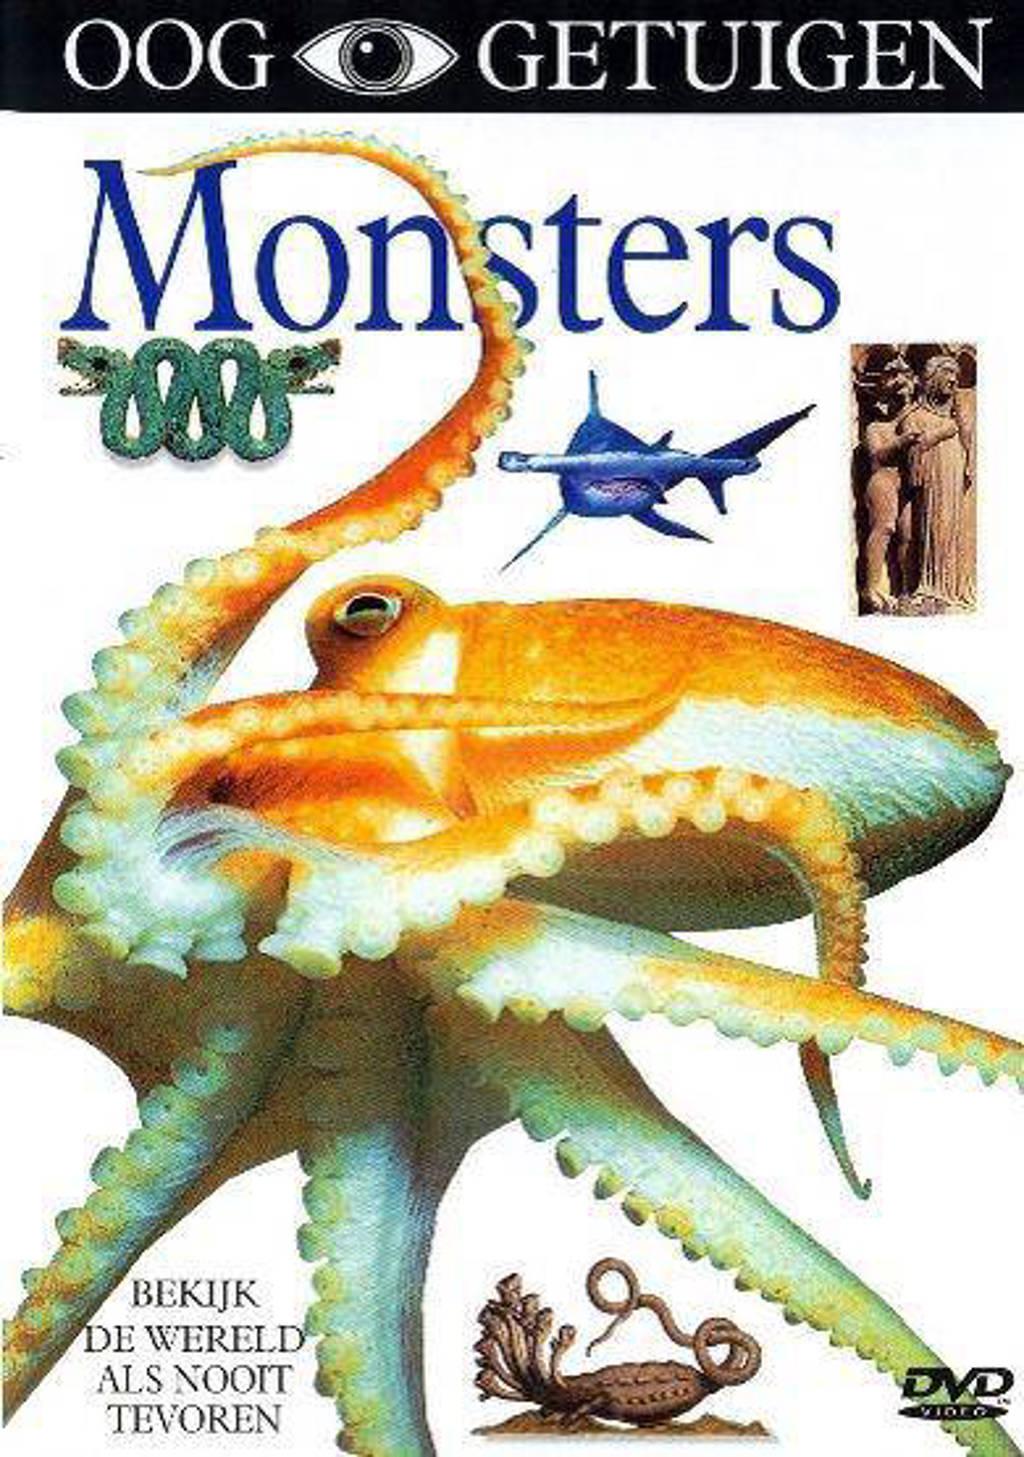 Ooggetuigen - monsters (DVD)